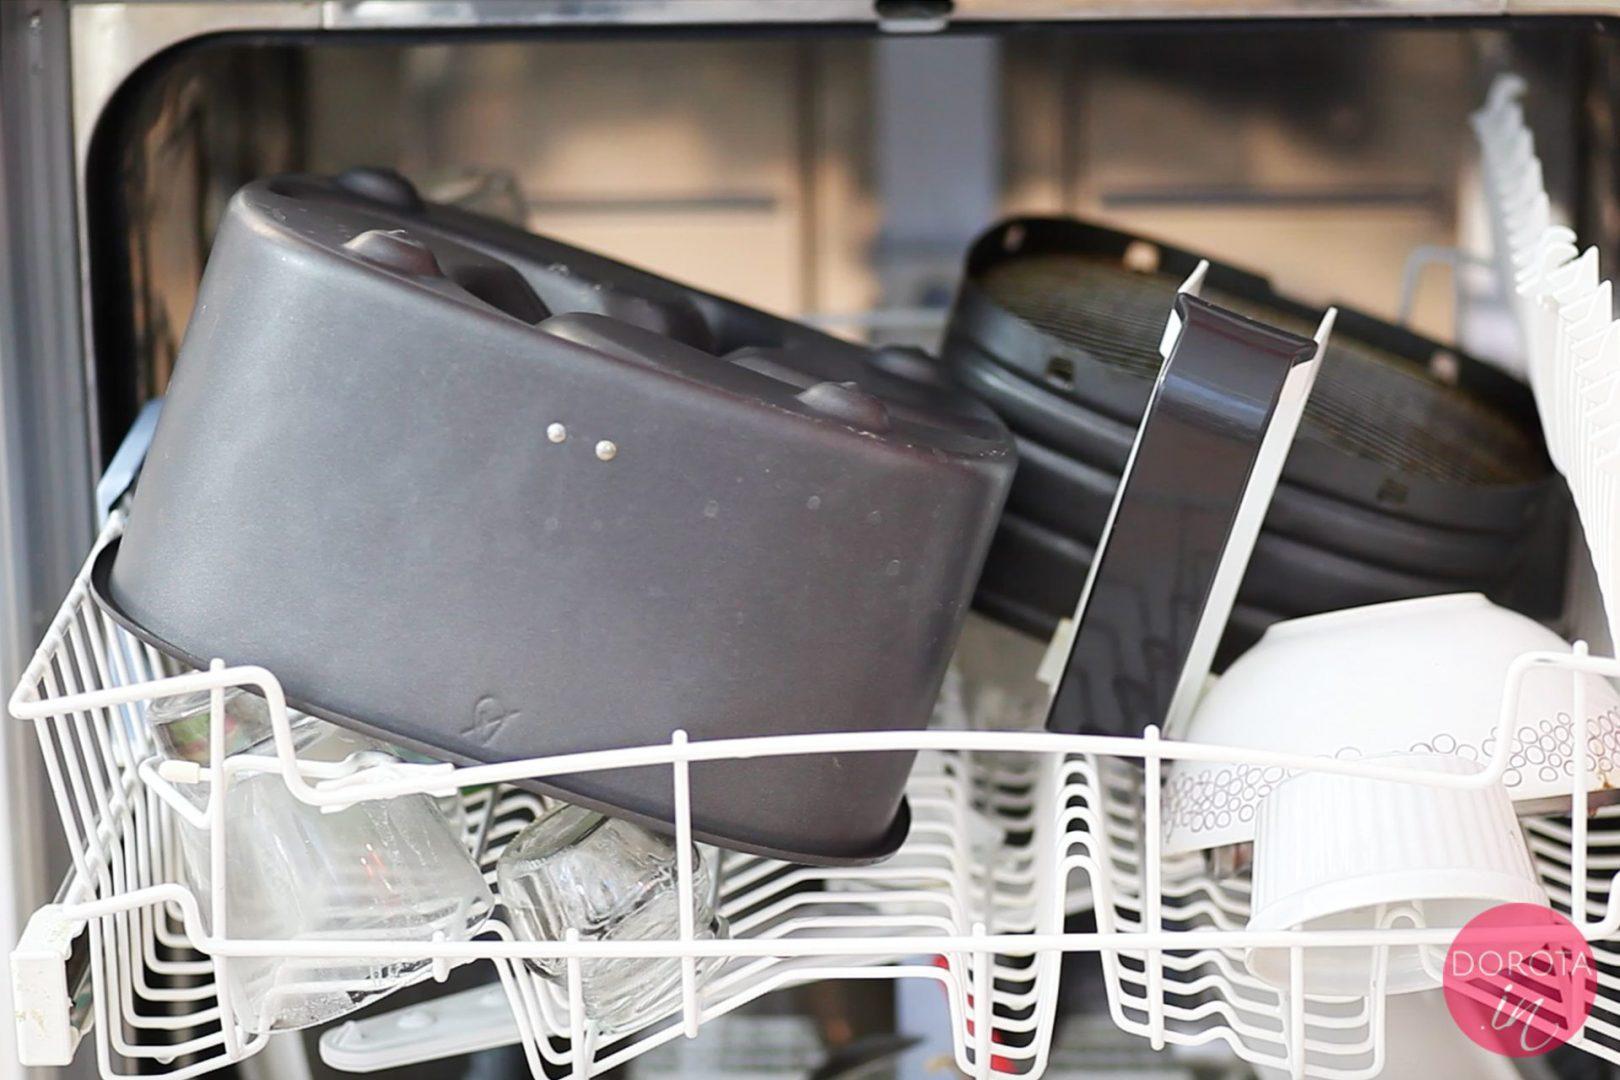 Wnętrze szuflady i kosz można myć w zmywarce